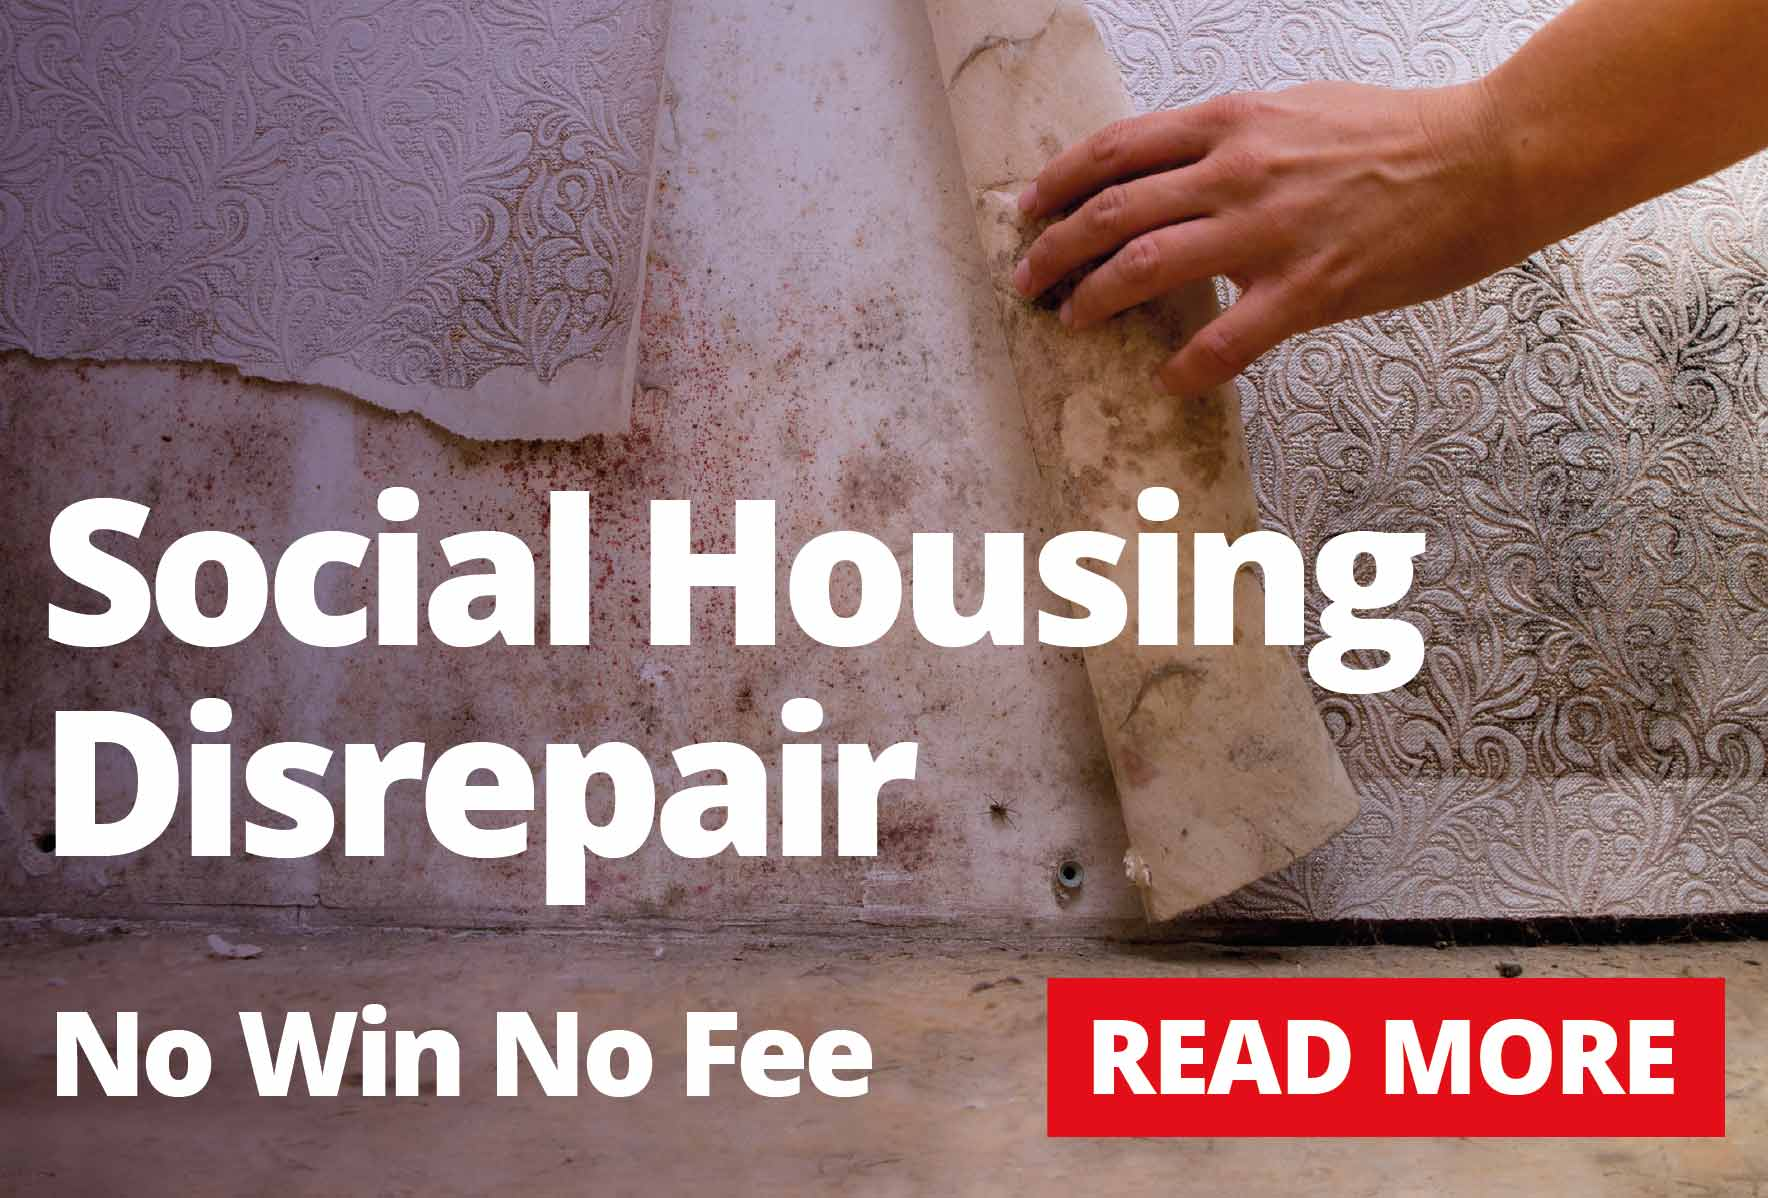 Social Housing Disrepair